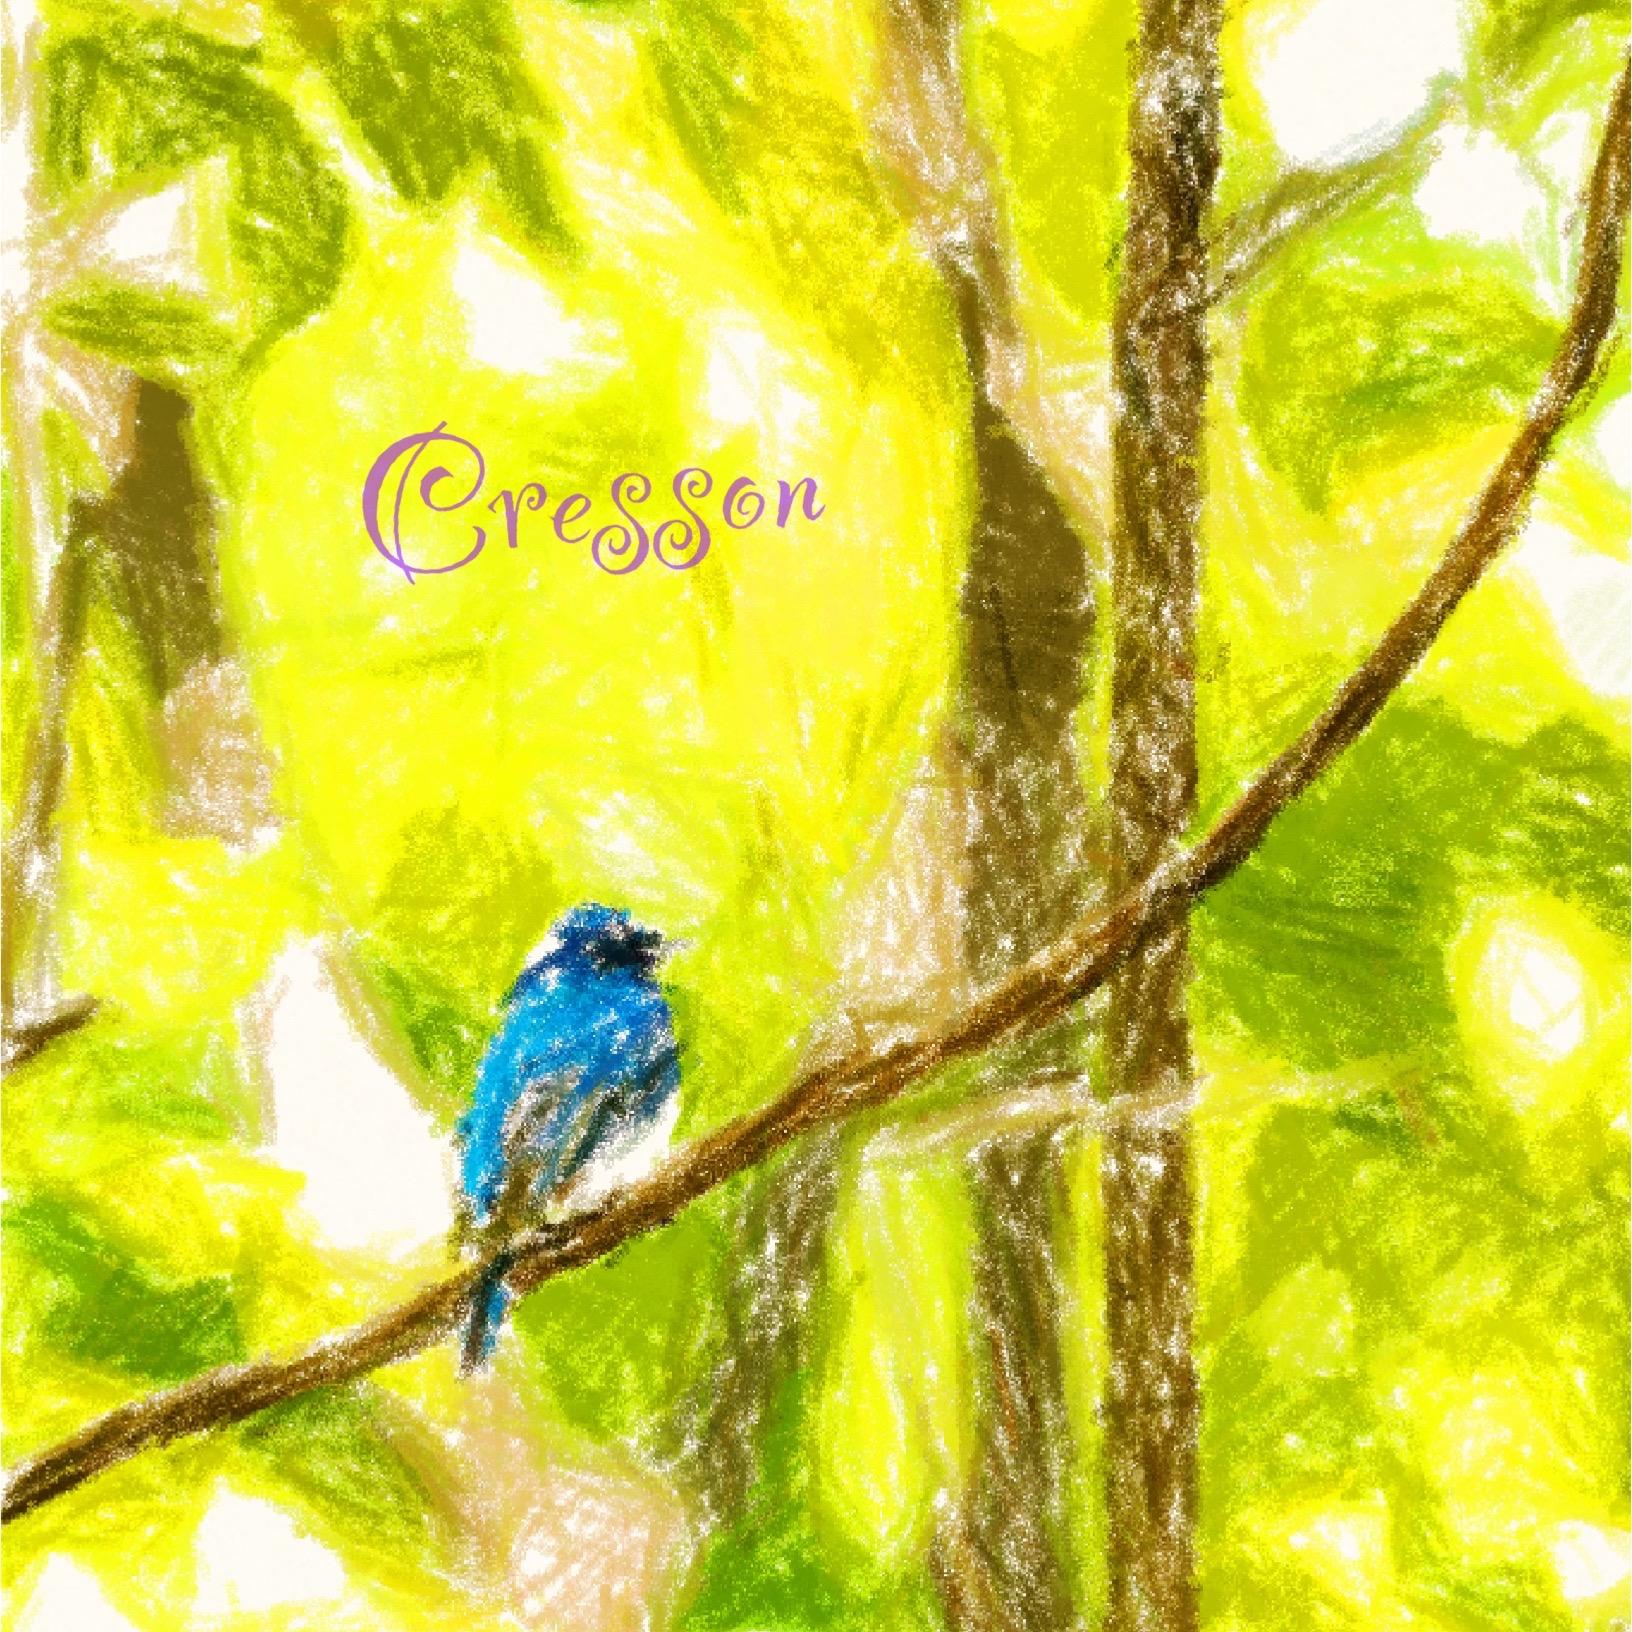 Cresson